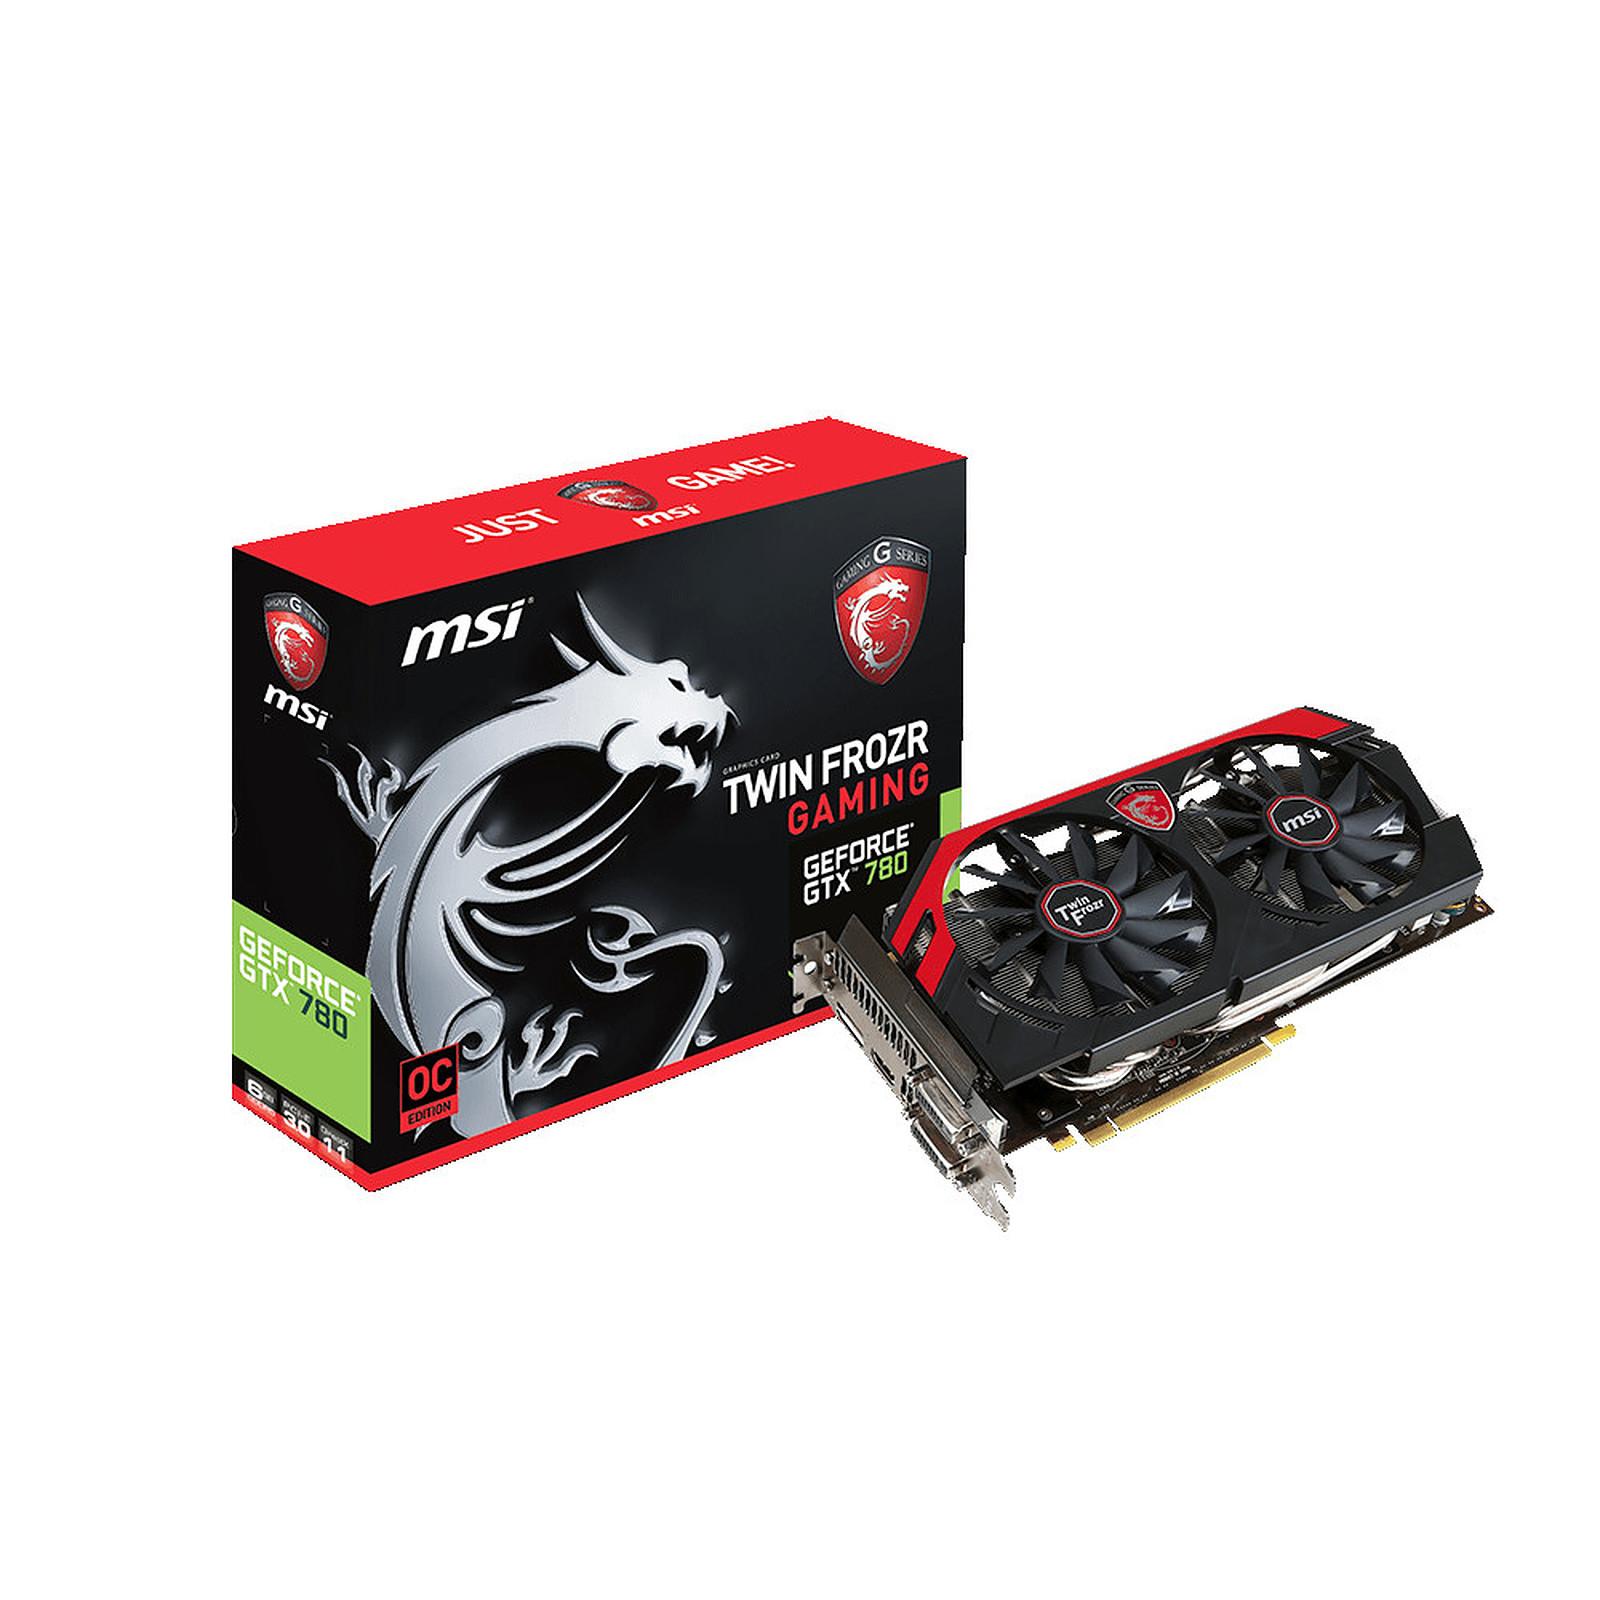 MSI GeForce GTX 780 N780 TF 6GD5/OC